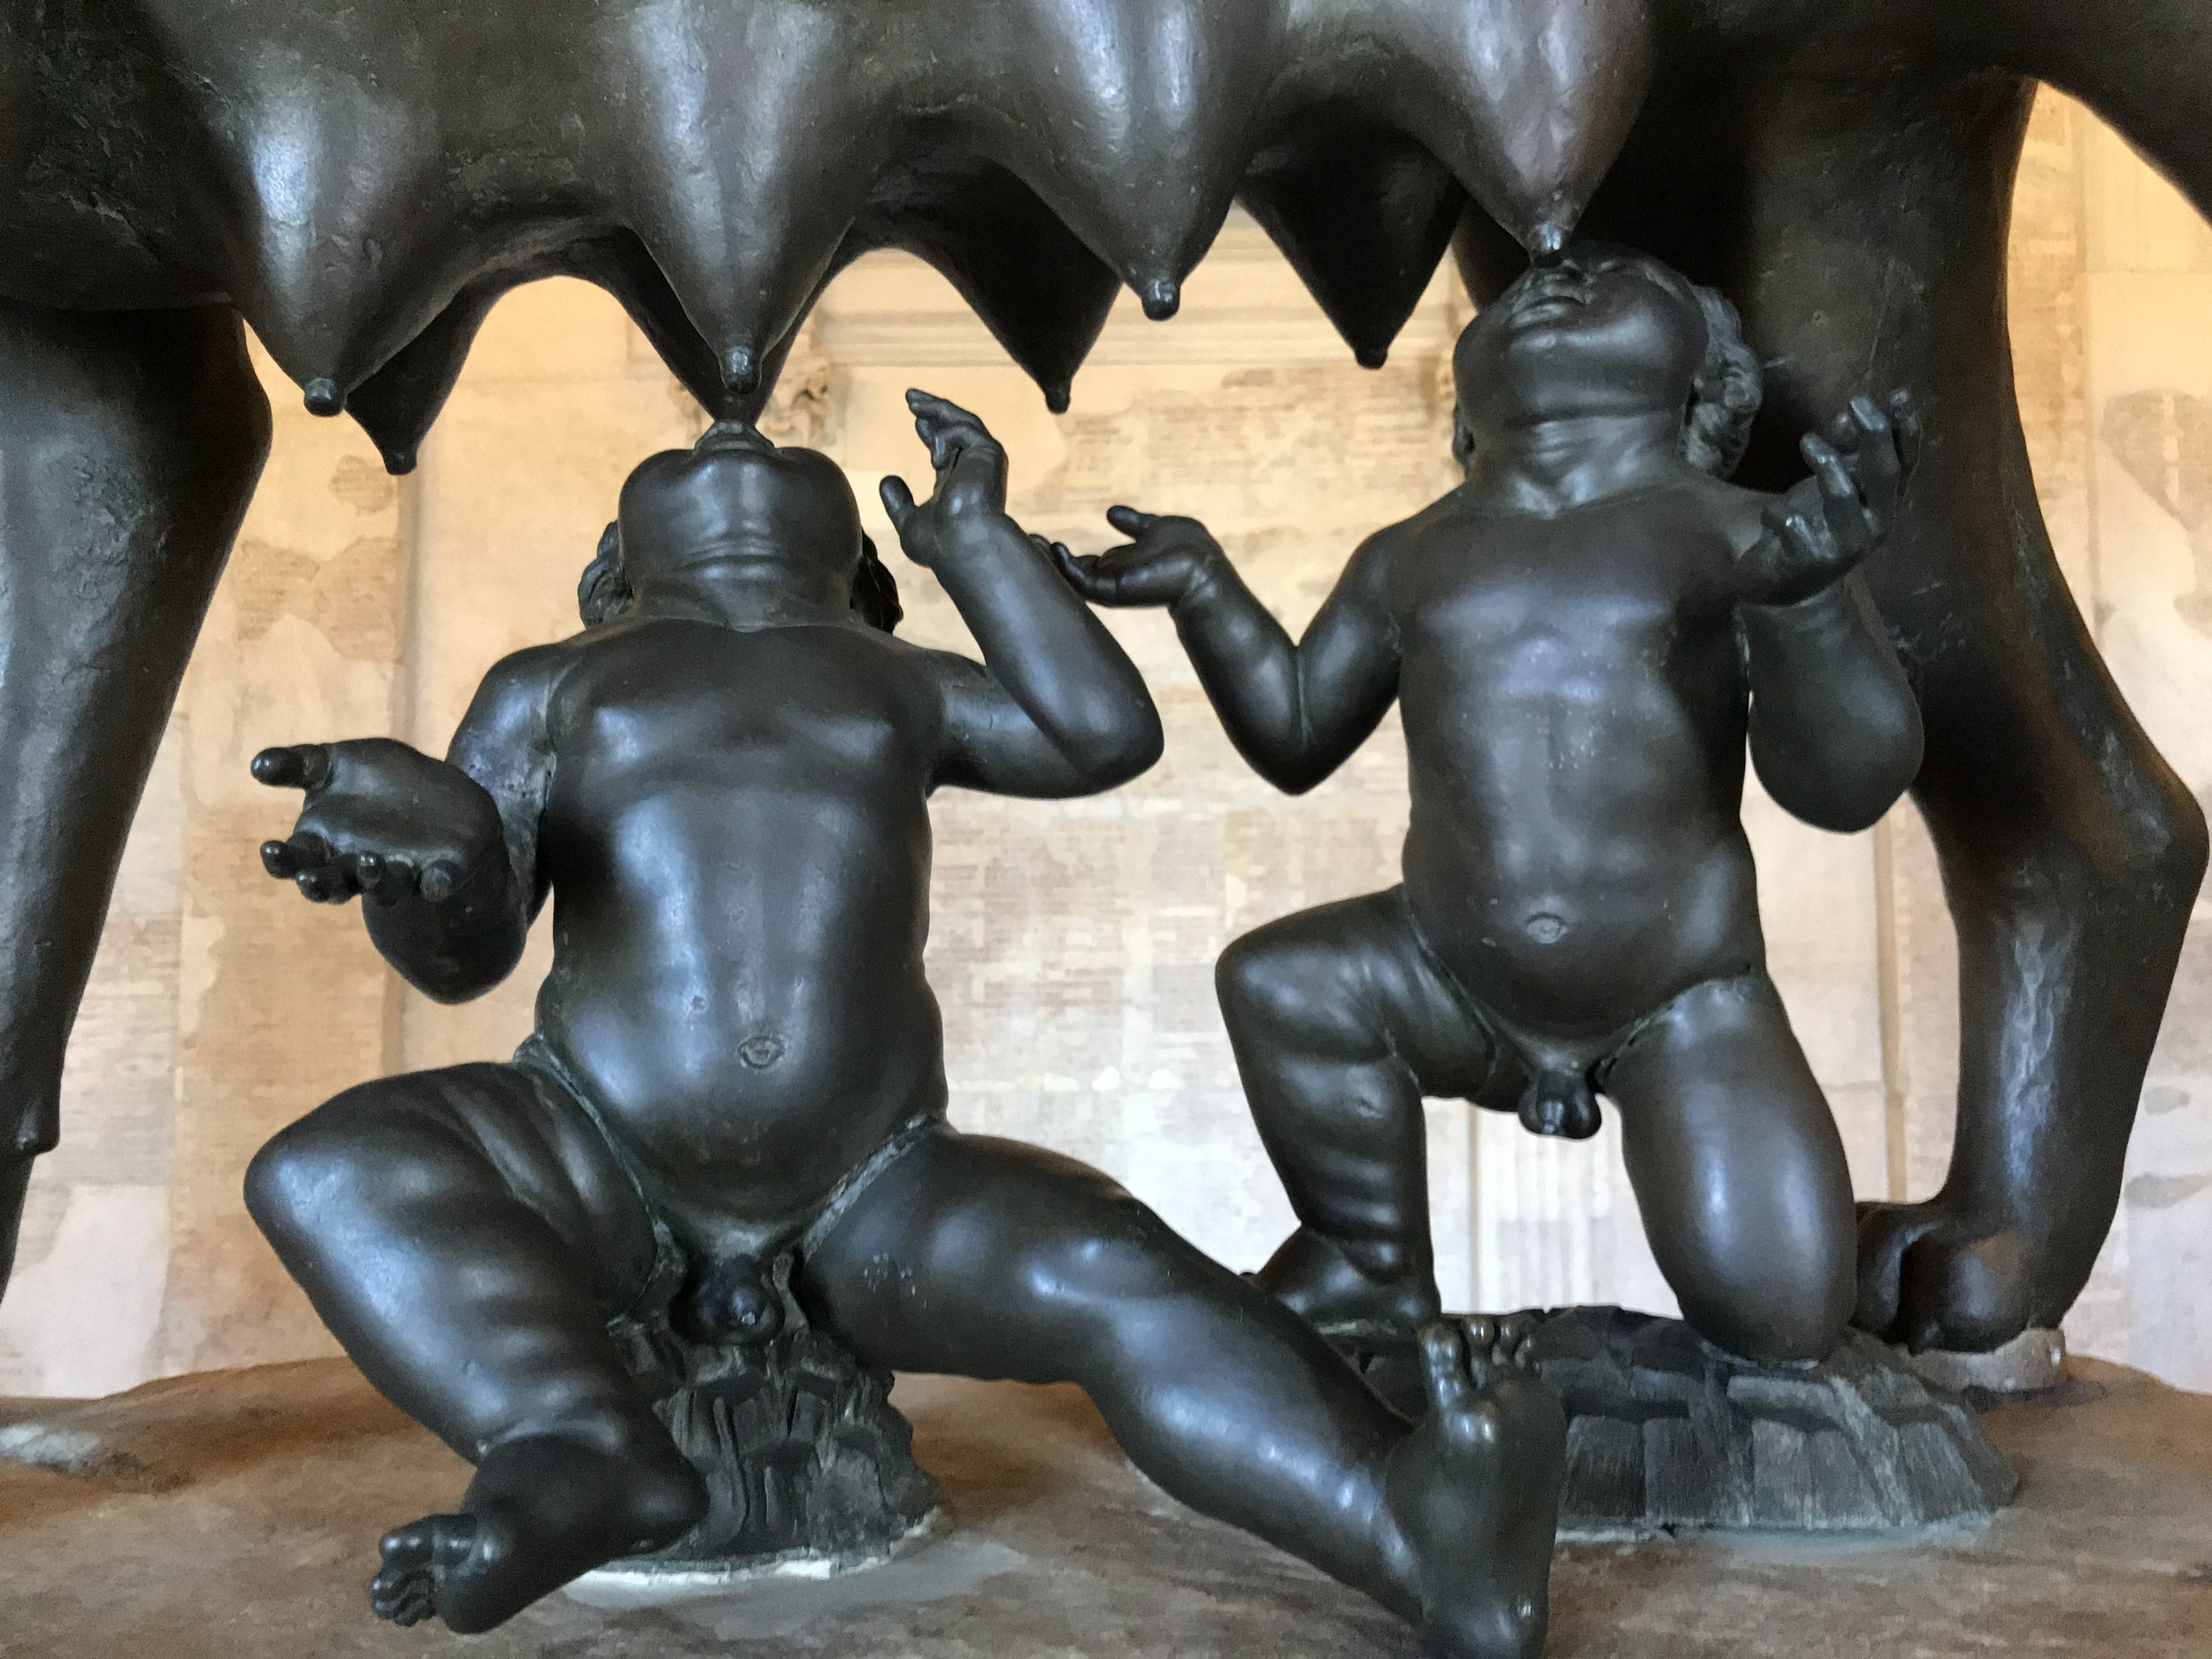 """Imagem feita por mim, nos Museus Capitolinos, da famosa """"lupa capitolina"""", escultura de bronze da loba amamentando Rômulo e Remo, tradicionalmente considerados os fundadores da cidade."""